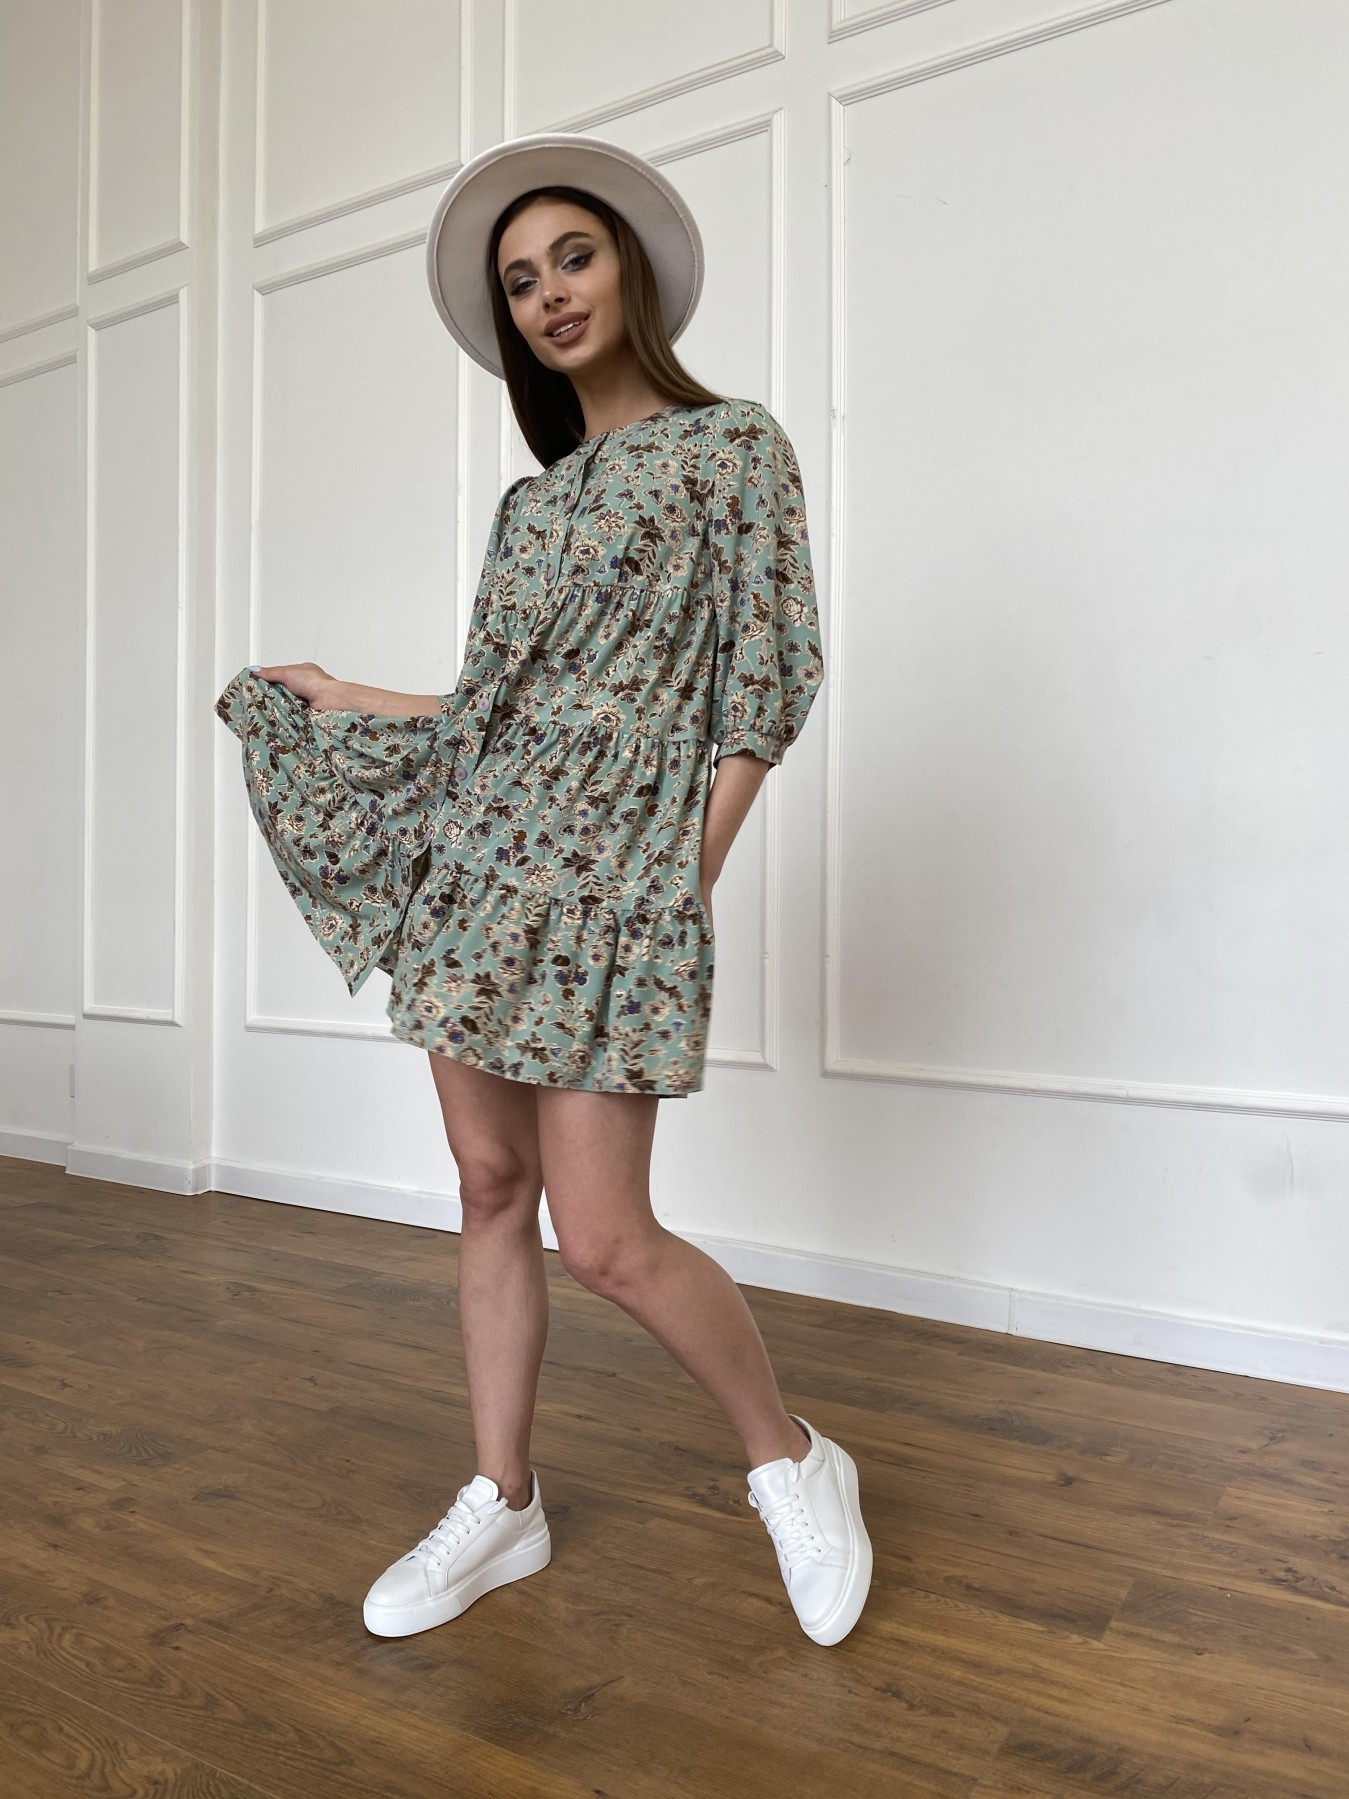 Берри платье из ткани софт в принт 11211 АРТ. 47722 Цвет: Олива/бежевый, Цветы - фото 7, интернет магазин tm-modus.ru